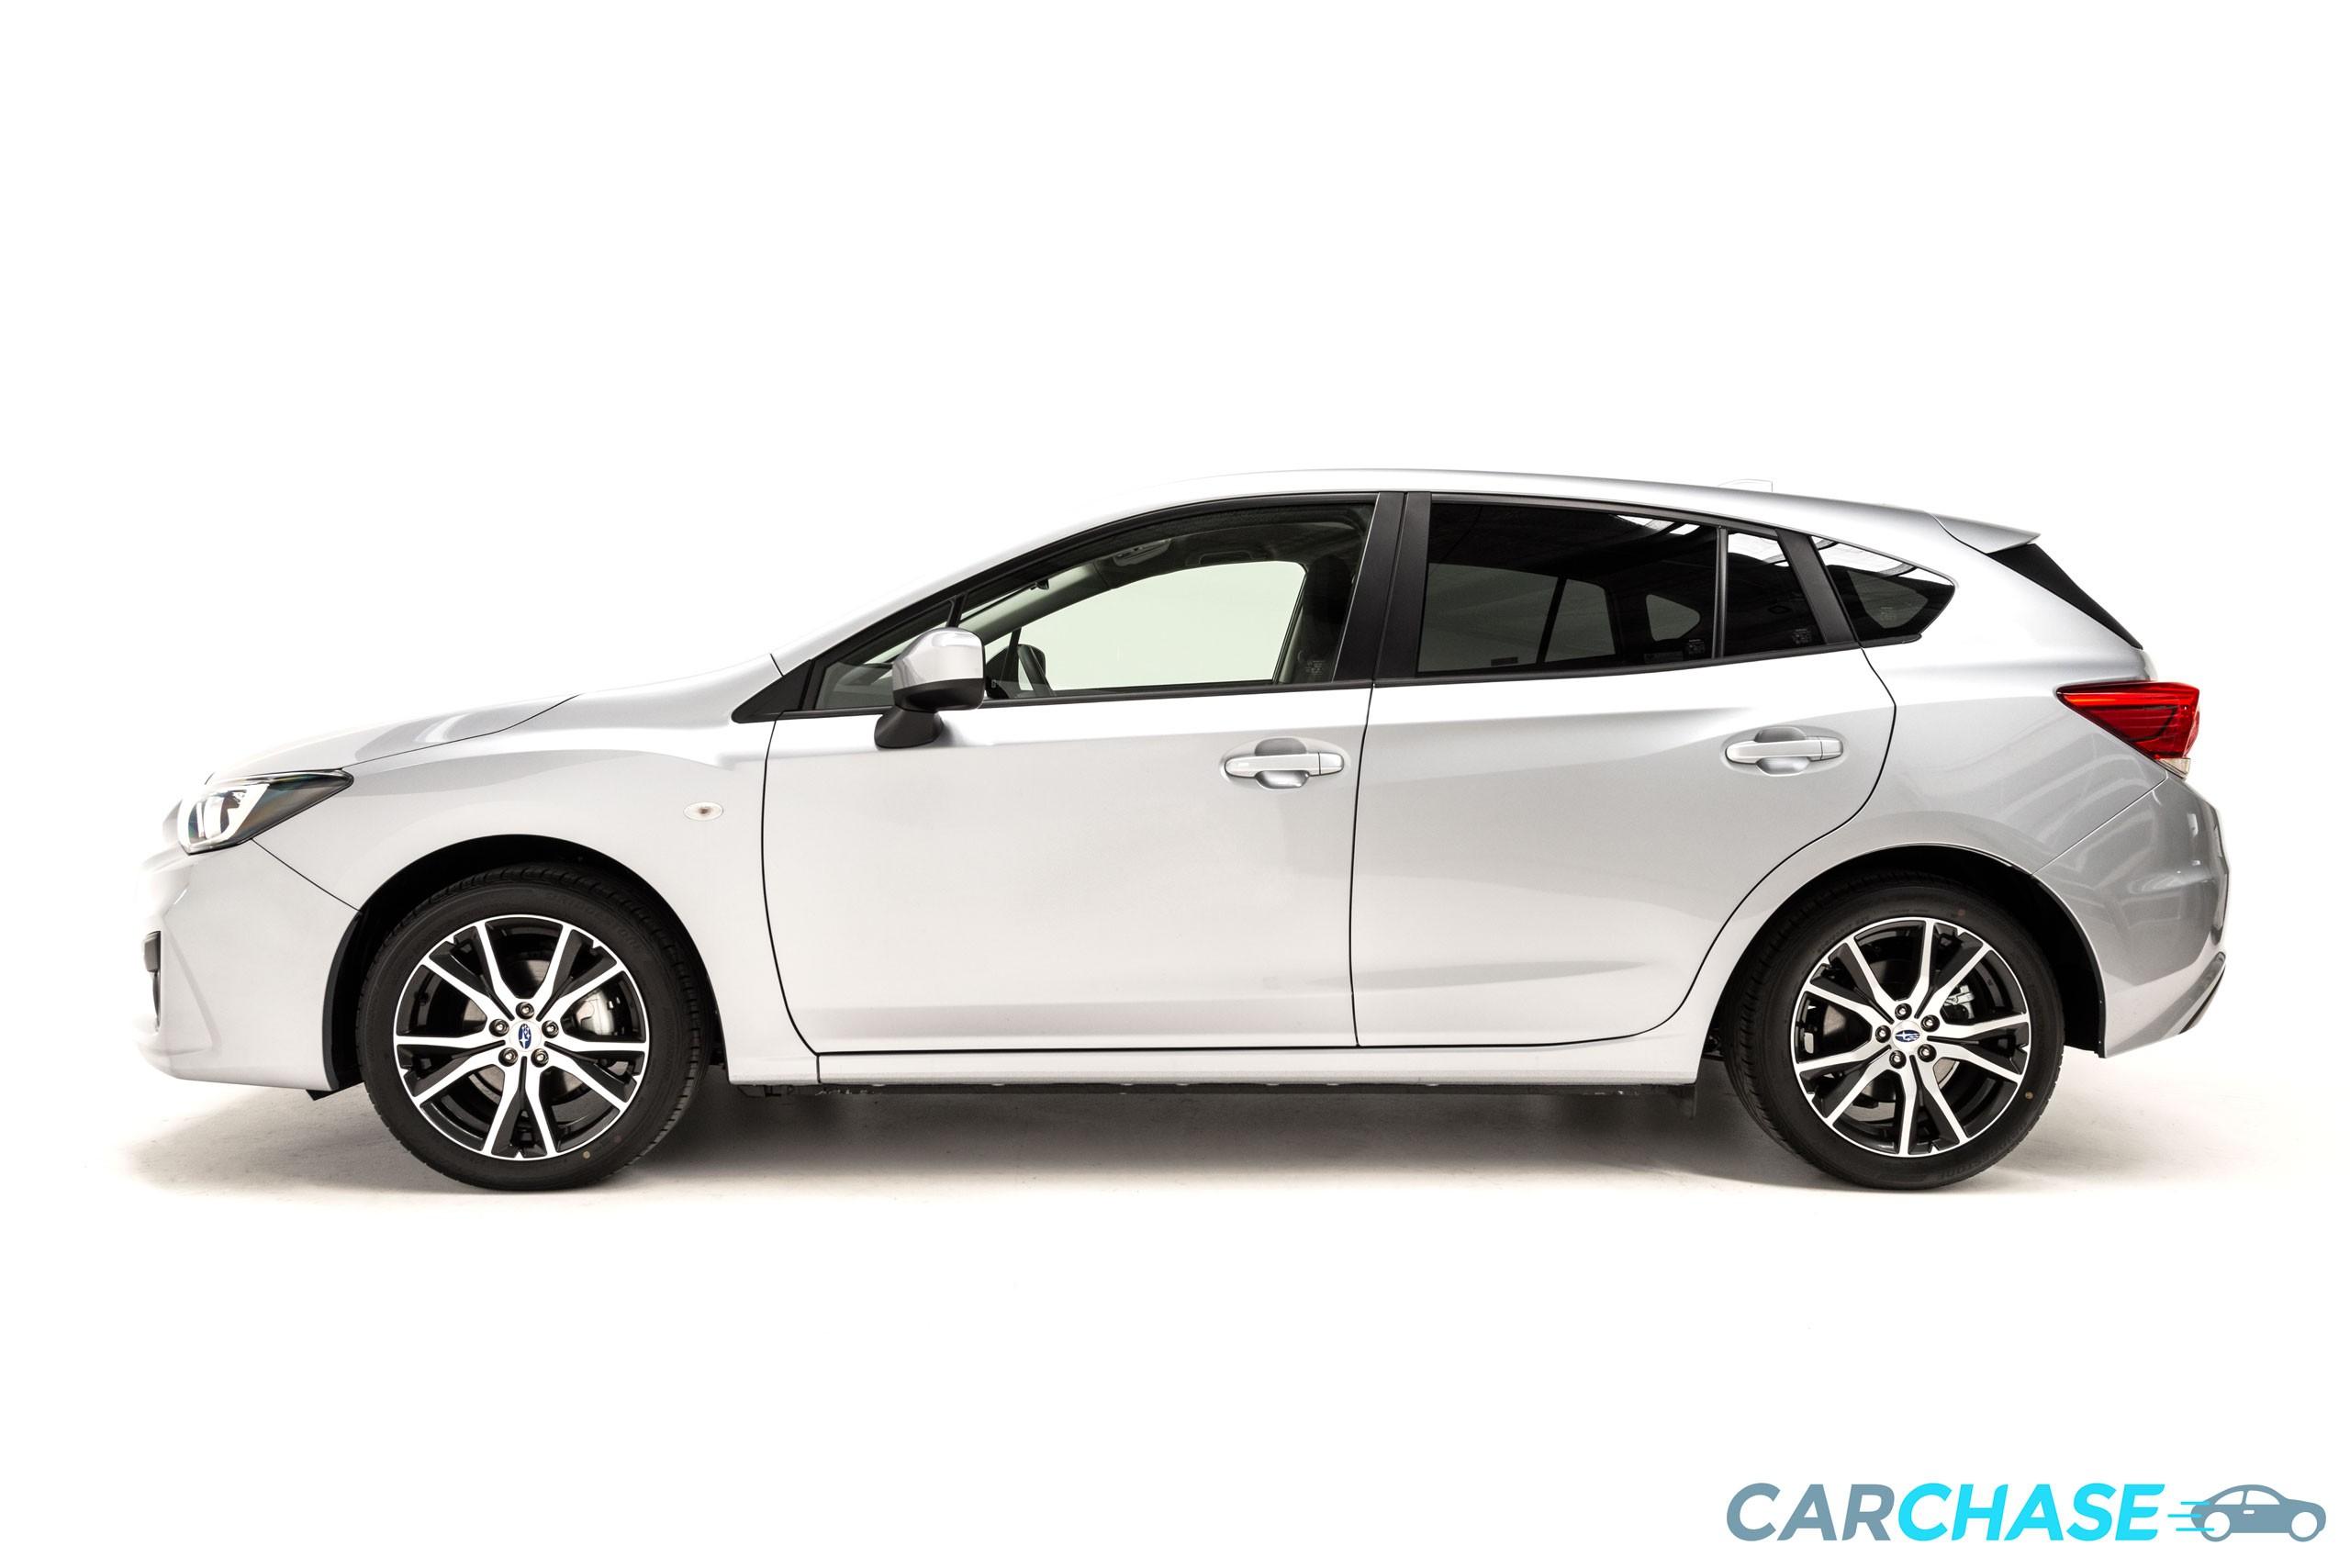 Image of left profile of 2018 Subaru Impreza 2.0i